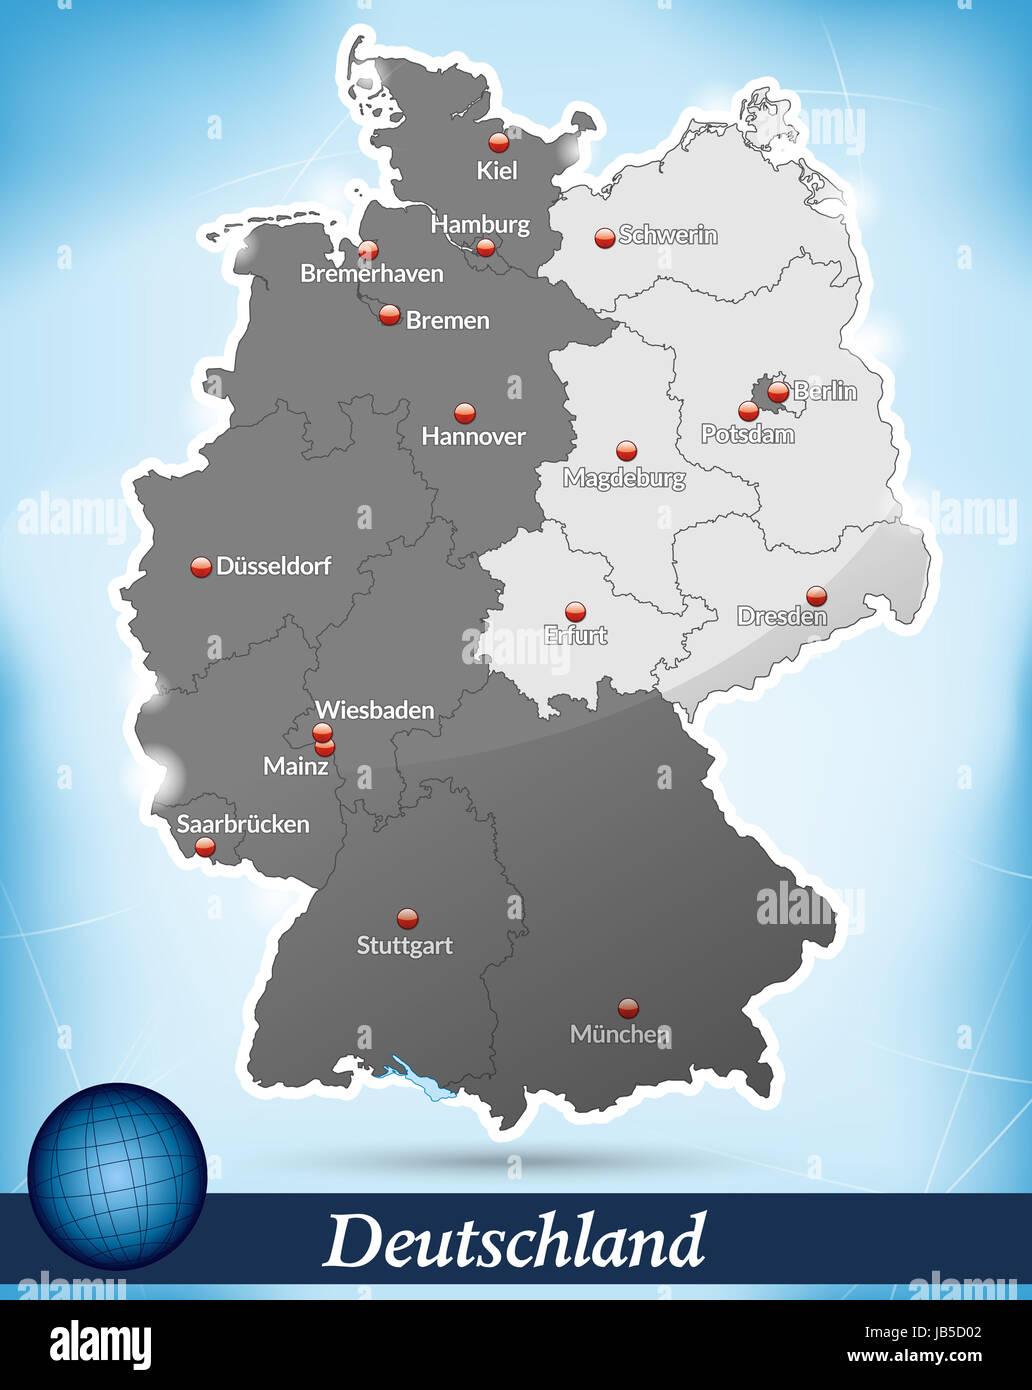 deutschlandkarte ost west Deutschland mit Unterteilung Ost/West als Inselkarte in Blau. Die